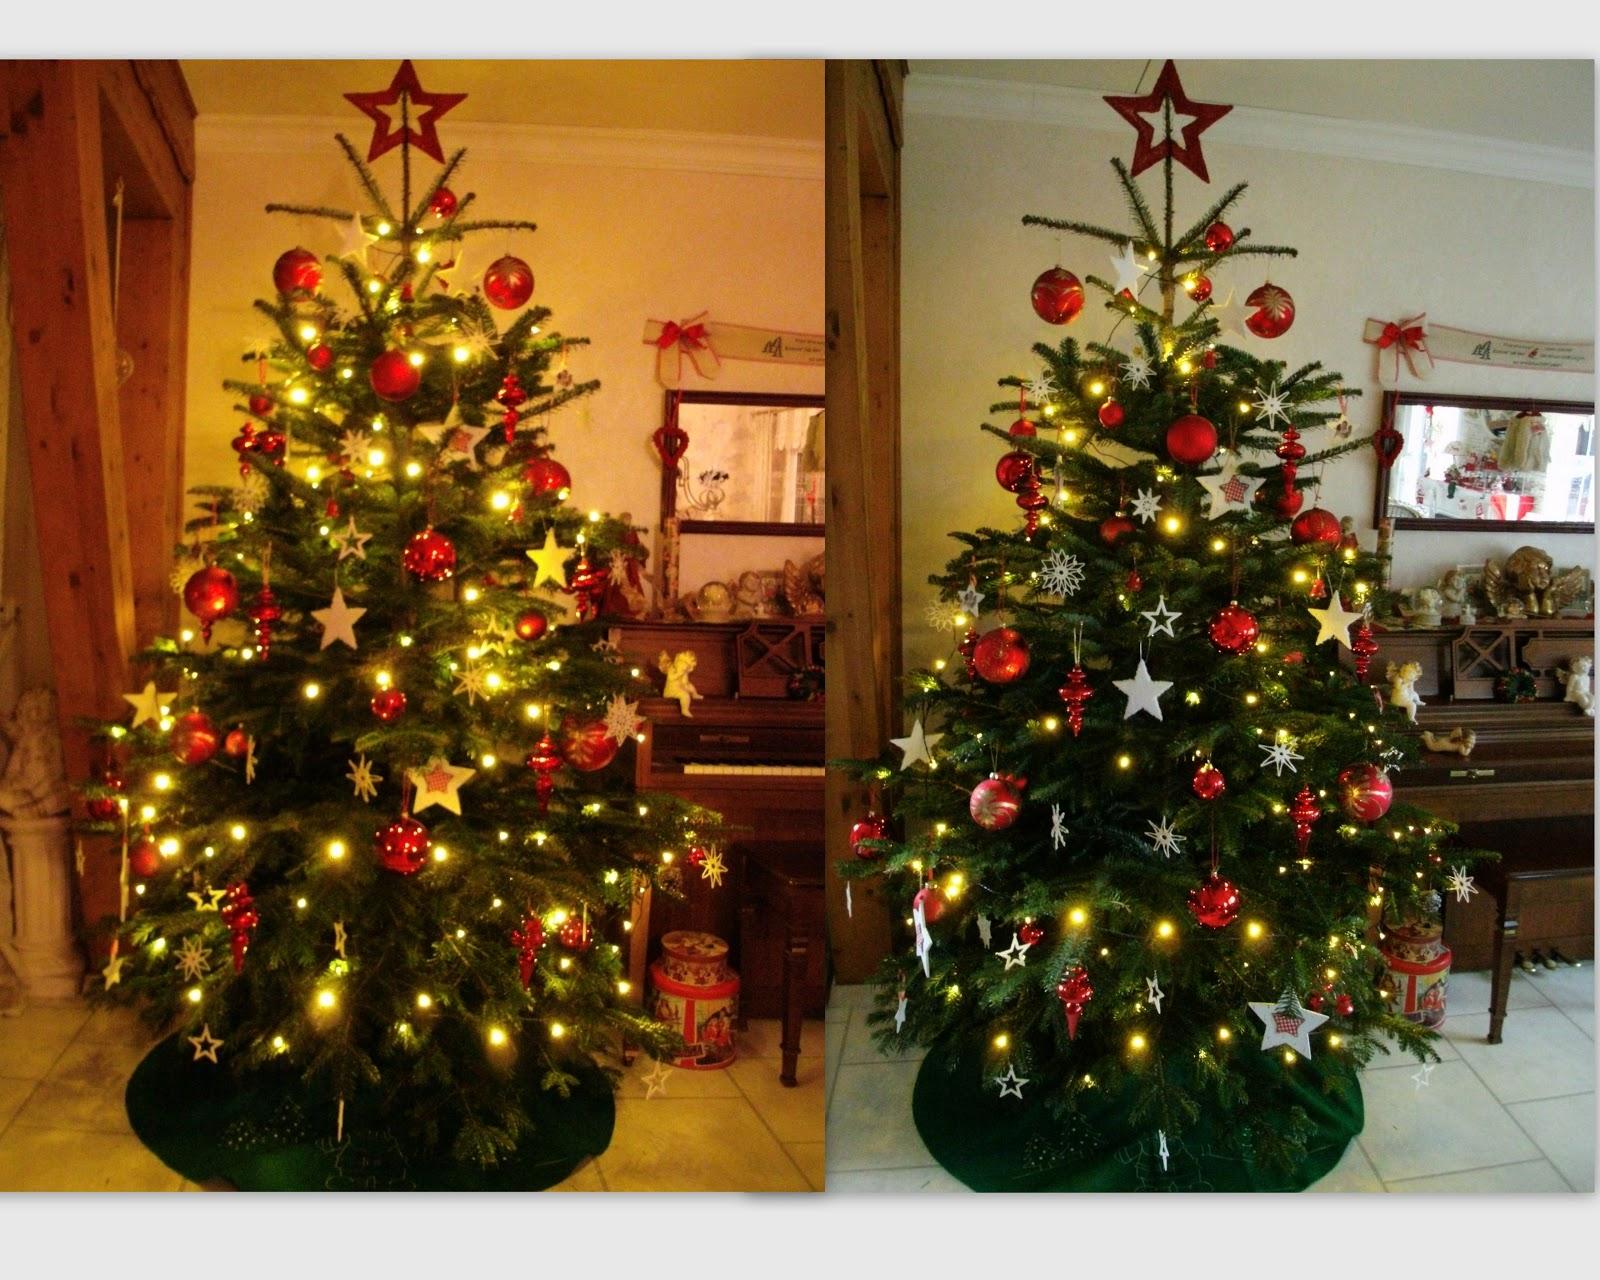 meine engelwerkstatt unser weihnachtsbaum 2012. Black Bedroom Furniture Sets. Home Design Ideas